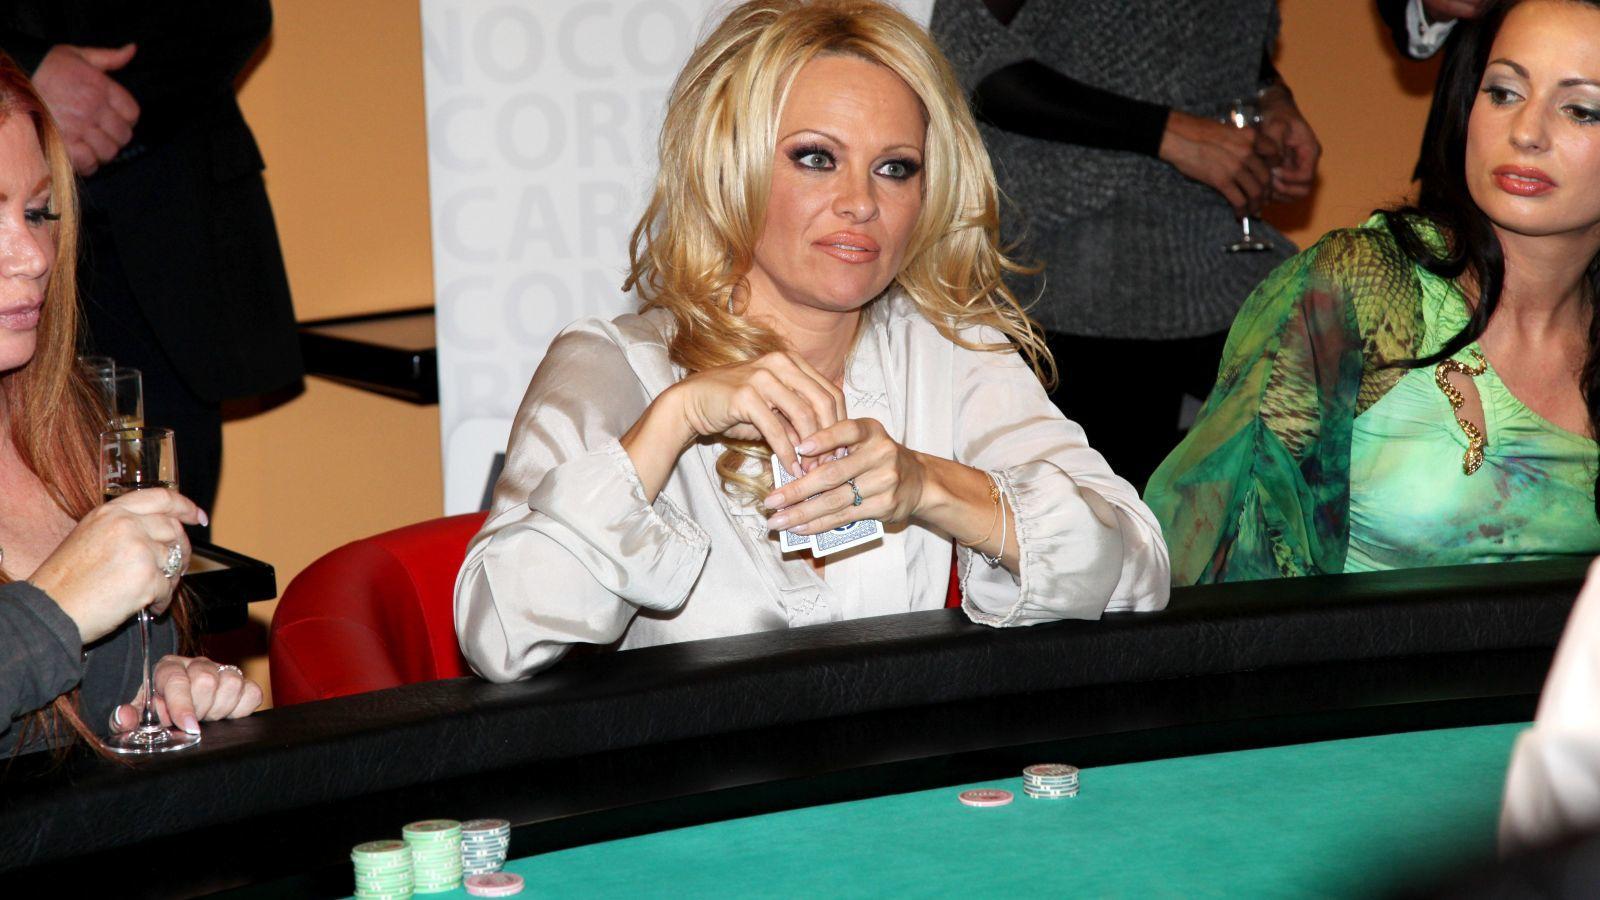 Akadnak ám női hírességek is, akik élnek-halnak a szerencsejátékokért. A Baywatch egykori üdvöskéje, Pamela Anderson például igazi játékgép- és pókerfüggő. A rossz nyelvek szerint azért ment feleségül Rick Salomonhoz, hogy a férfi rendezze 250 ezer dolláros kártyaadósságát, amivel egy Las Vegas-i kaszinónak lógott. (Karl Schoendorfer/Shutterstock)